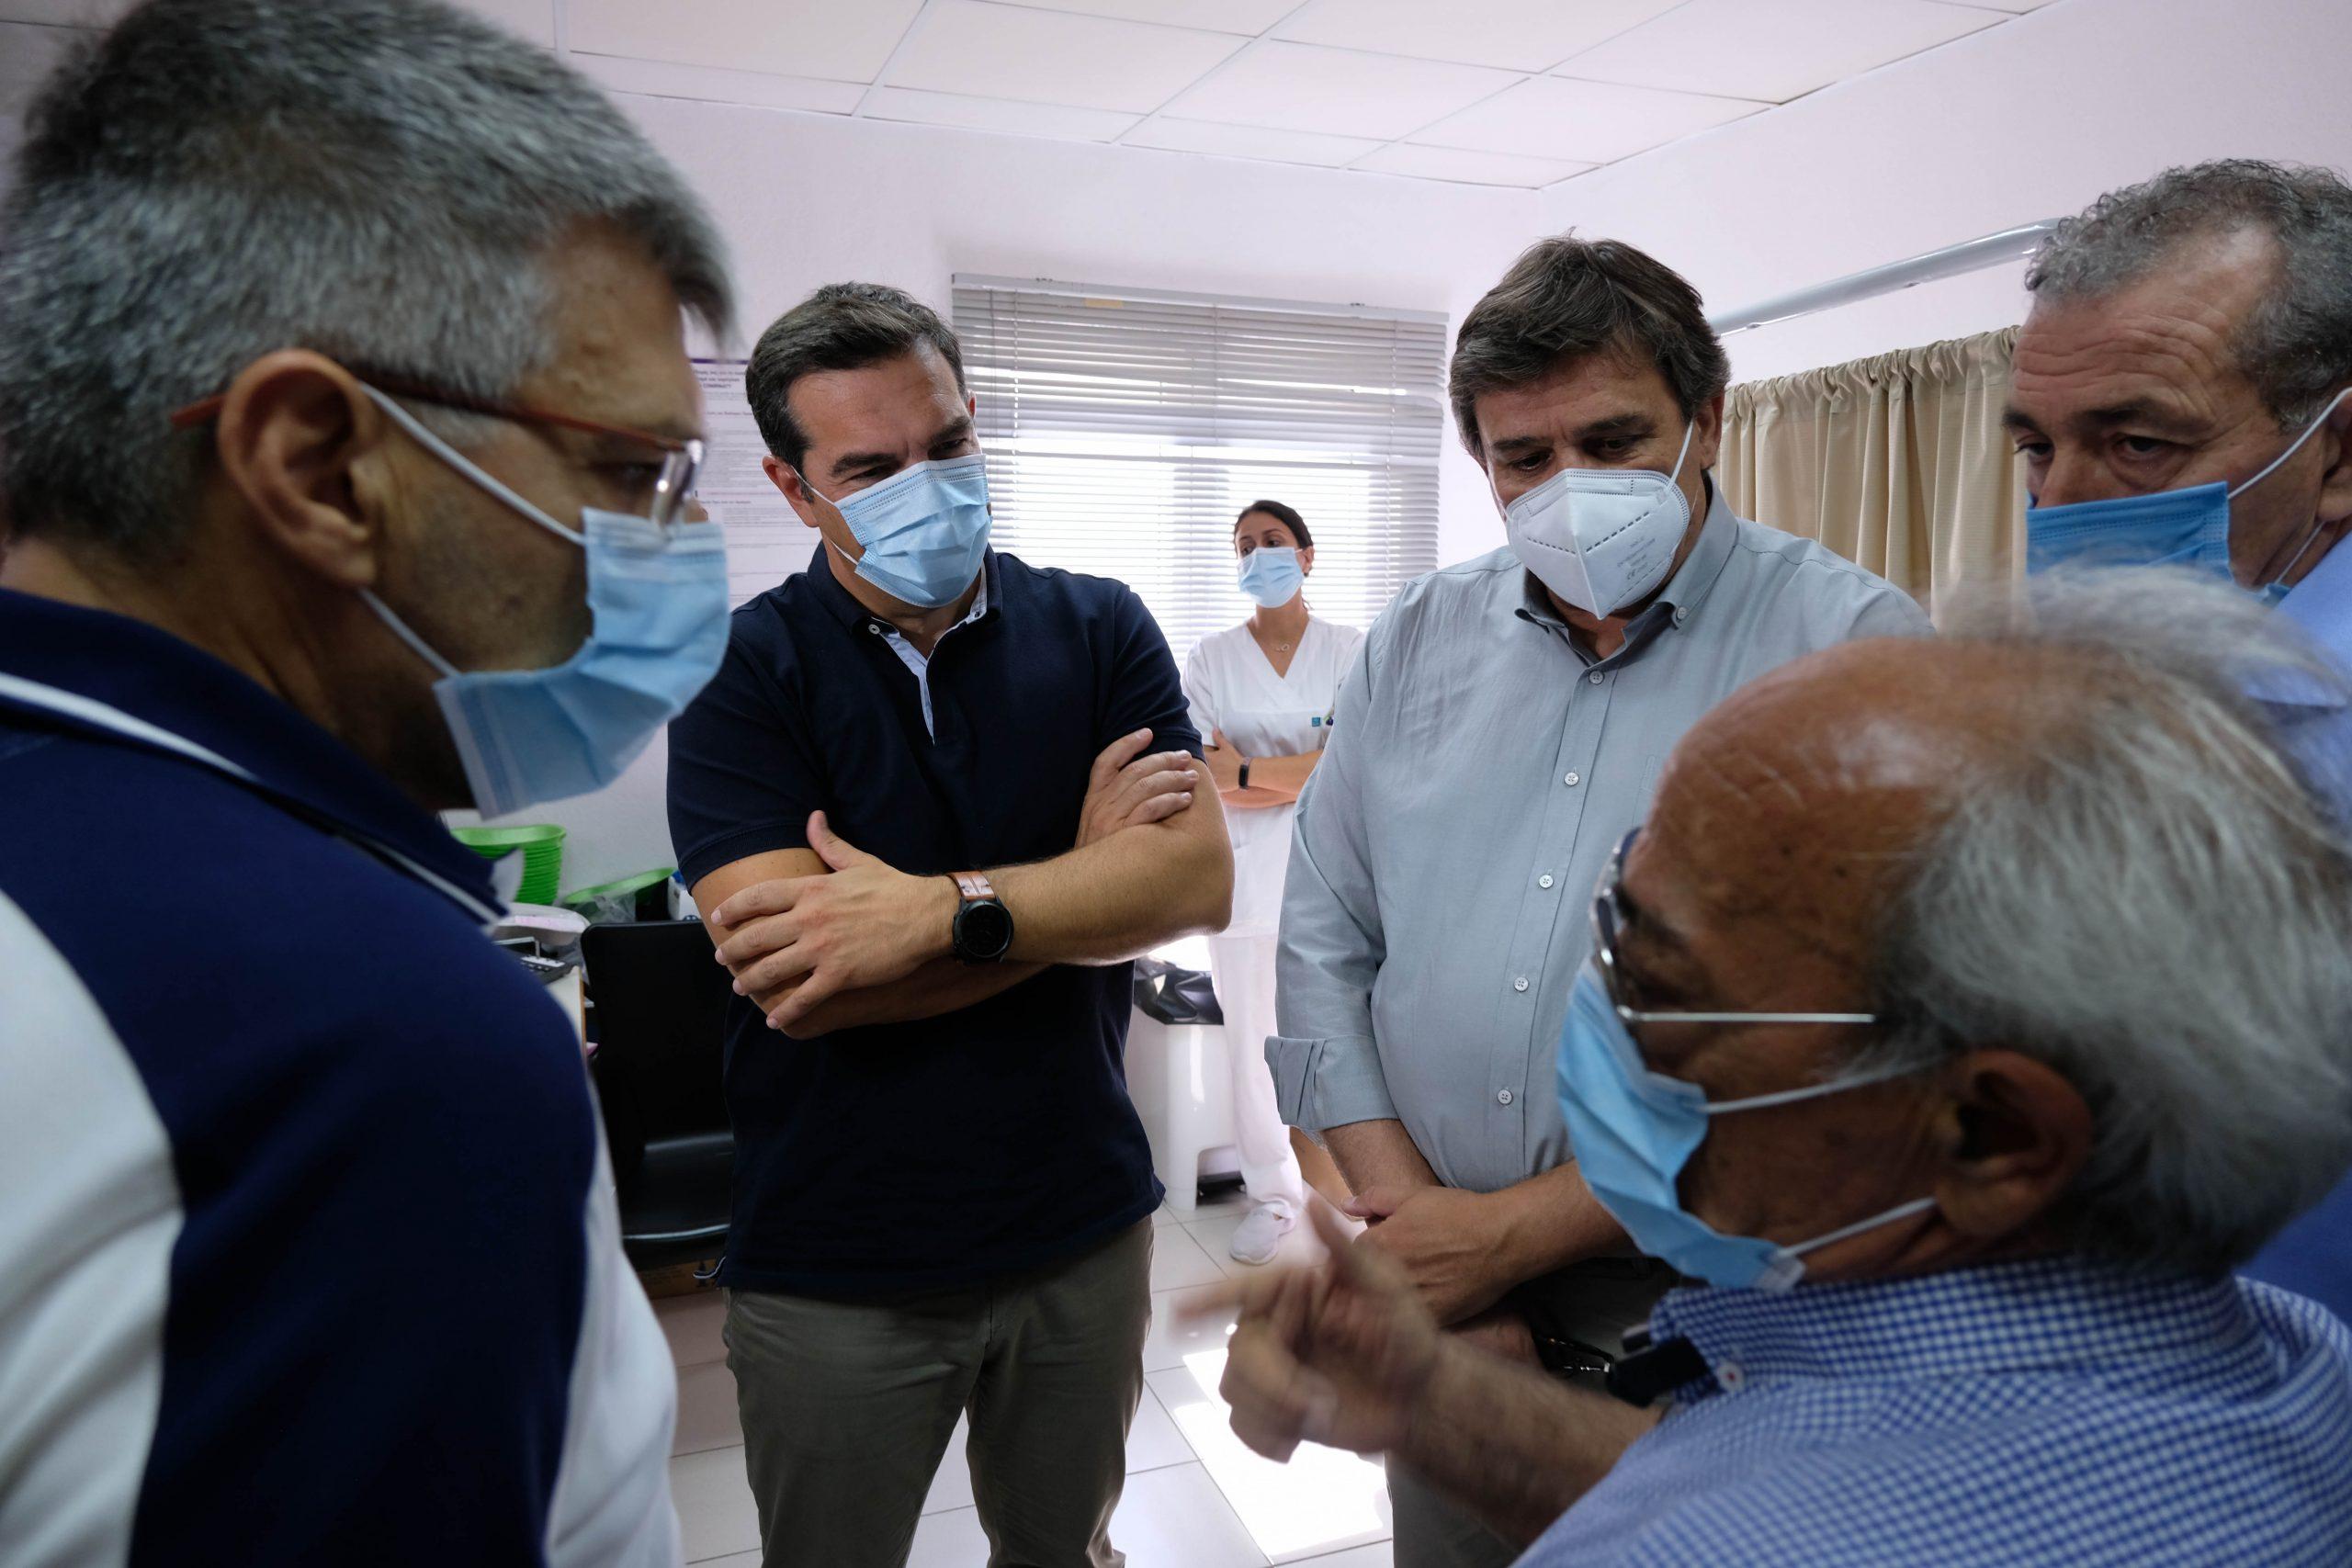 Αλ. Τσίπρας: Μην τολμήσει η κυβέρνηση να προχωρήσει σε συγχωνεύσεις νοσοκομείων και περιορισμό του προσωπικού